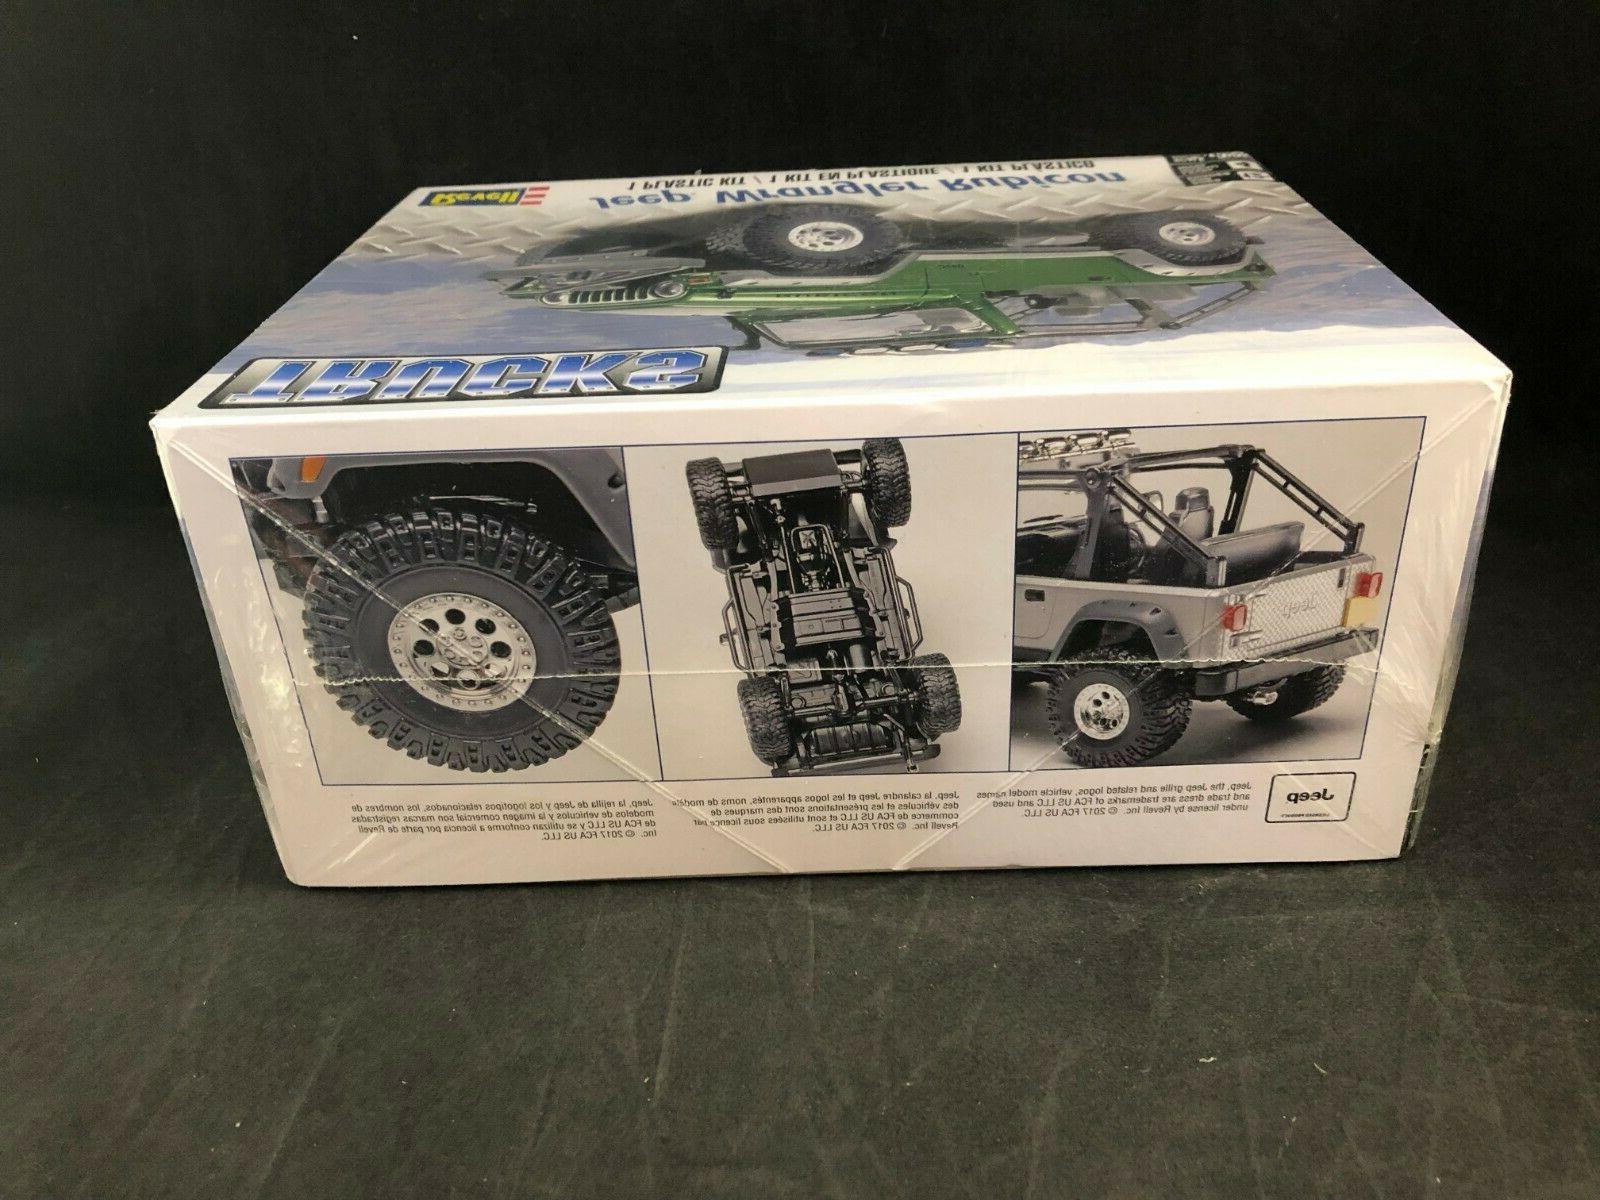 Revell Wrangler 1:25 Scale Plastic Model Kit 85-4053 New in Box